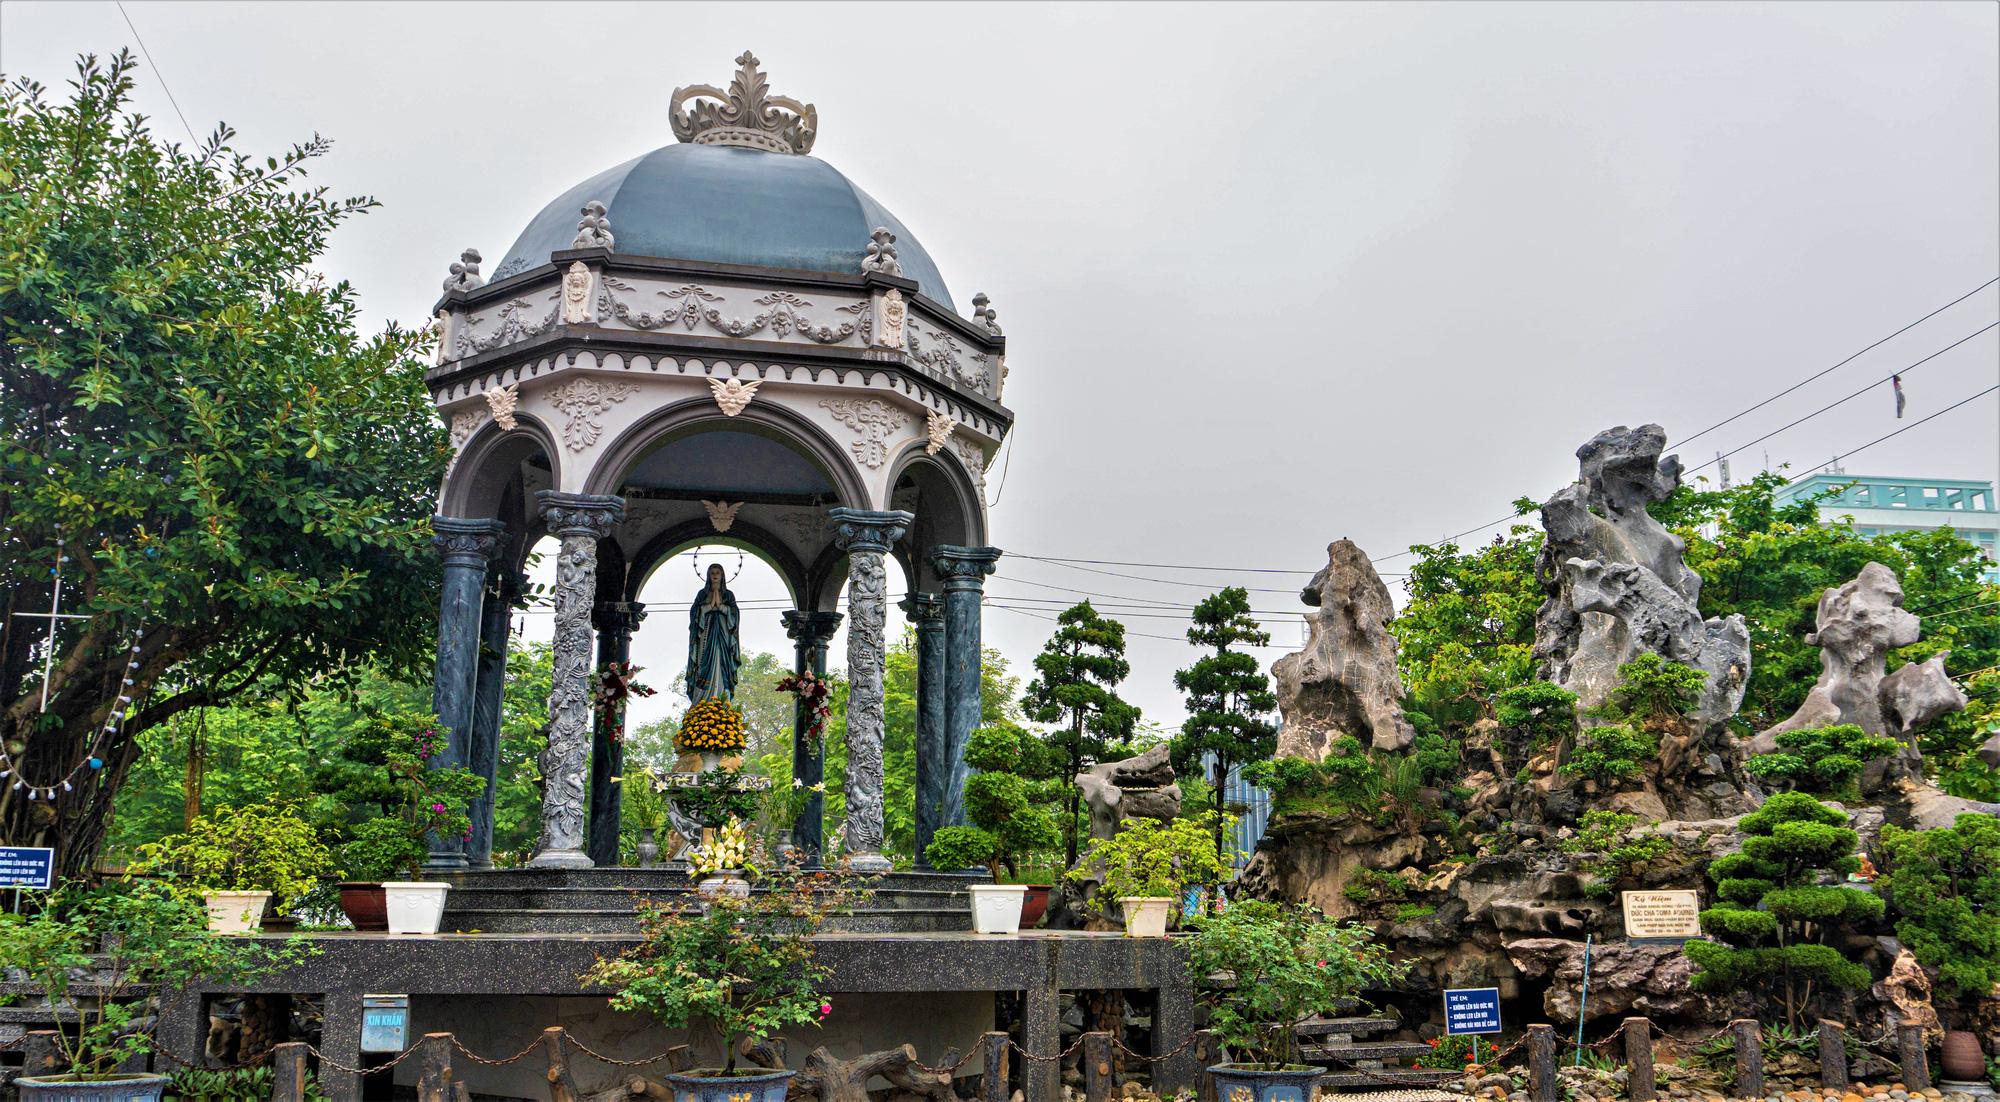 Về thăm nhà thờ Khoái Đồng, nơi thờ hiện thân của ông già Noel - Ảnh 2.